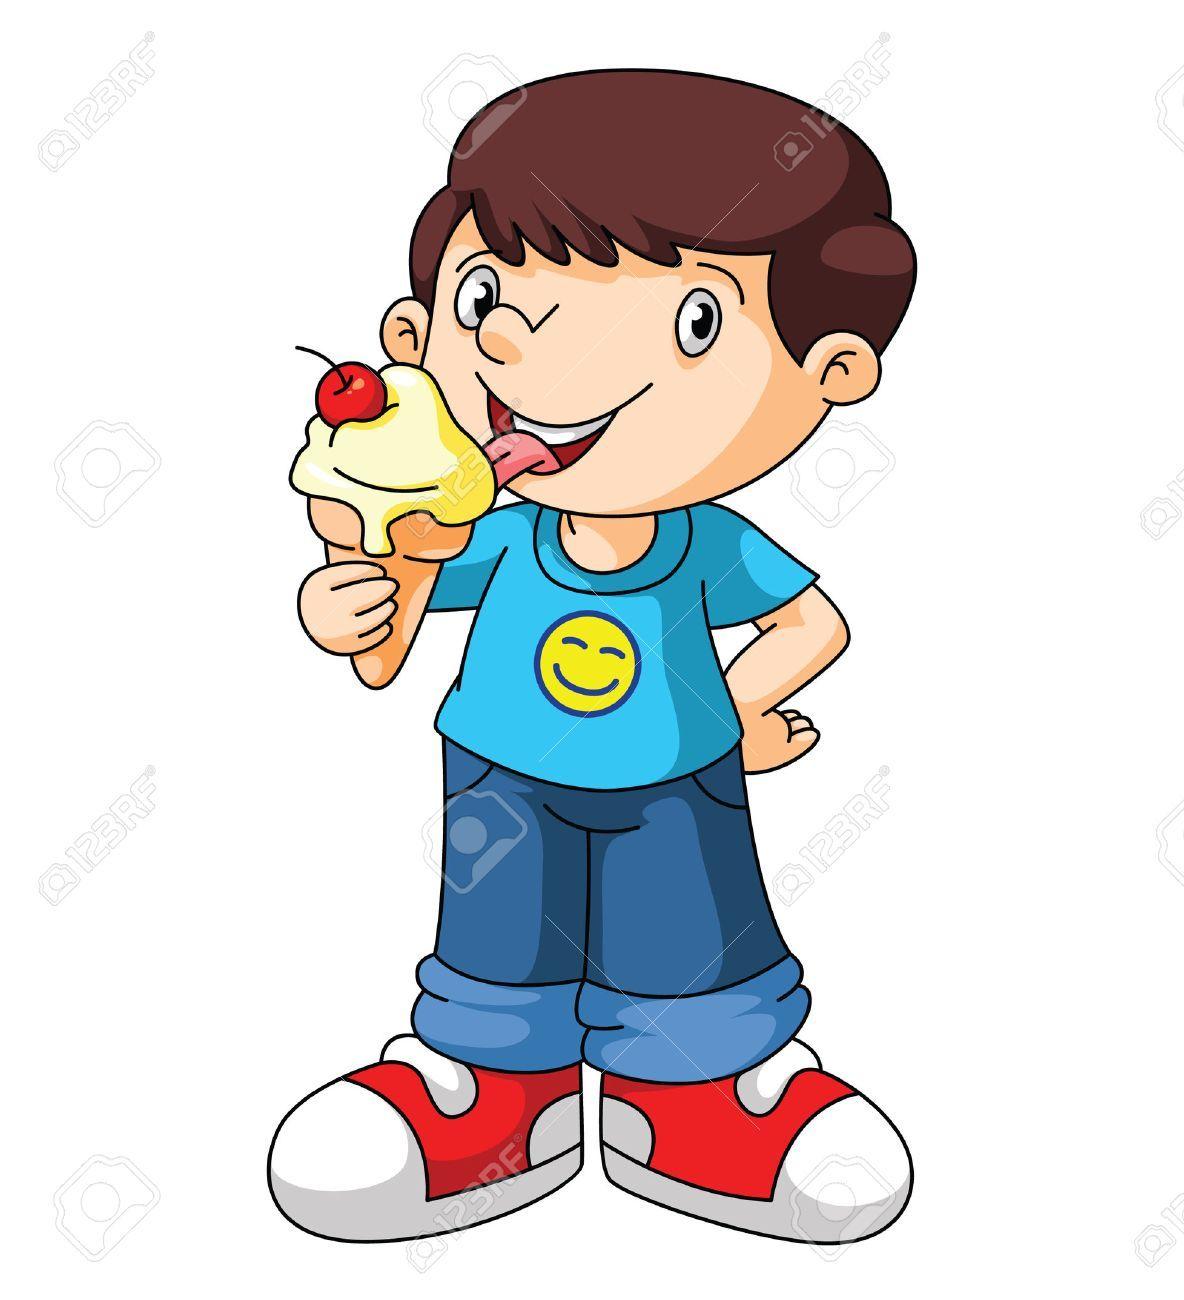 Lick ice cream clipart 7 » Clipart Portal.